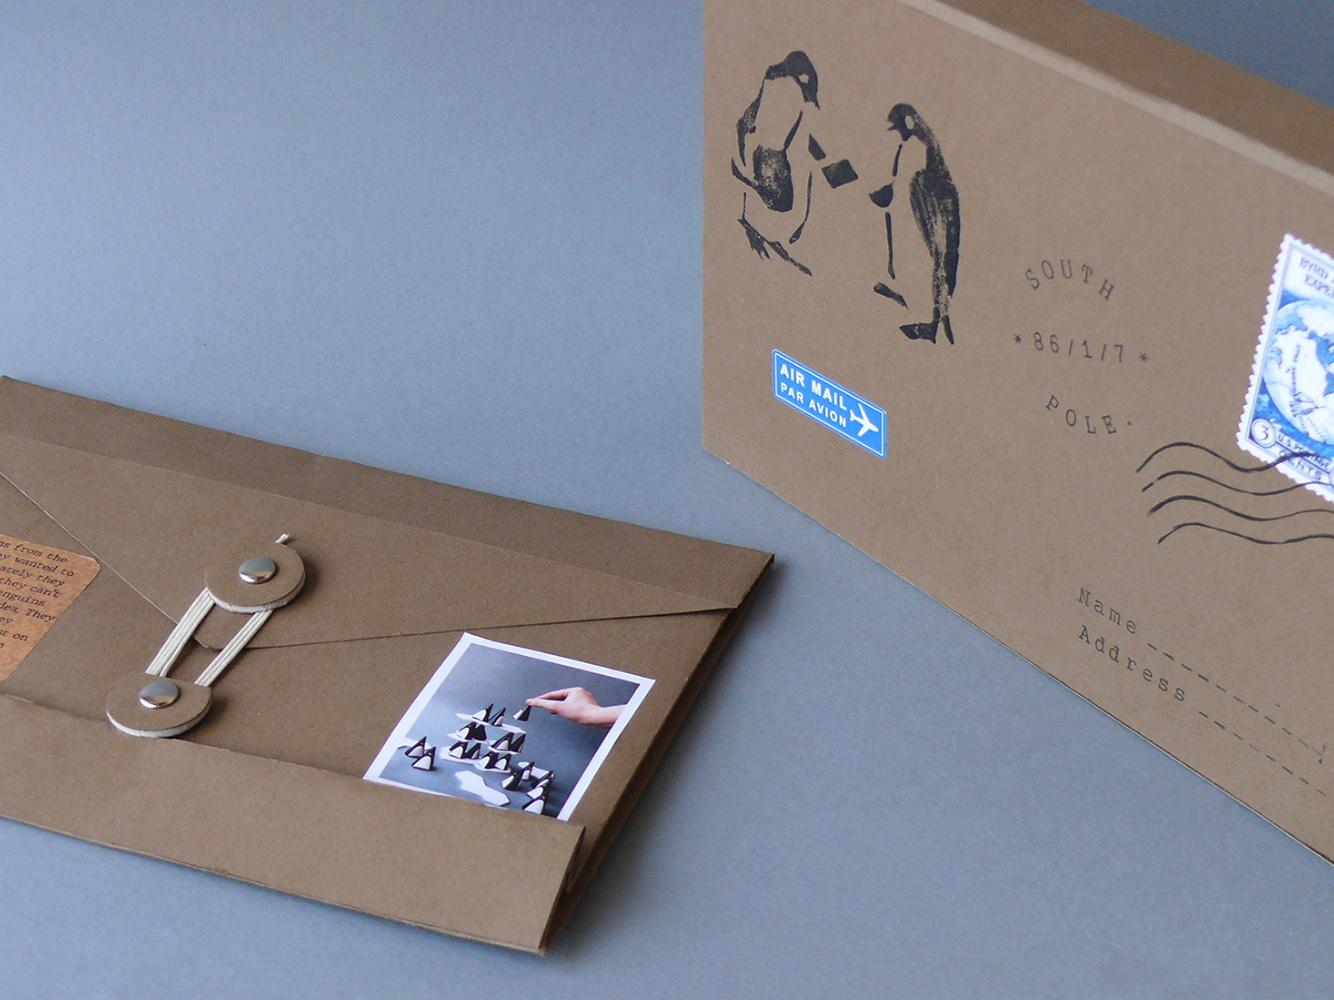 penguin_4.JPG